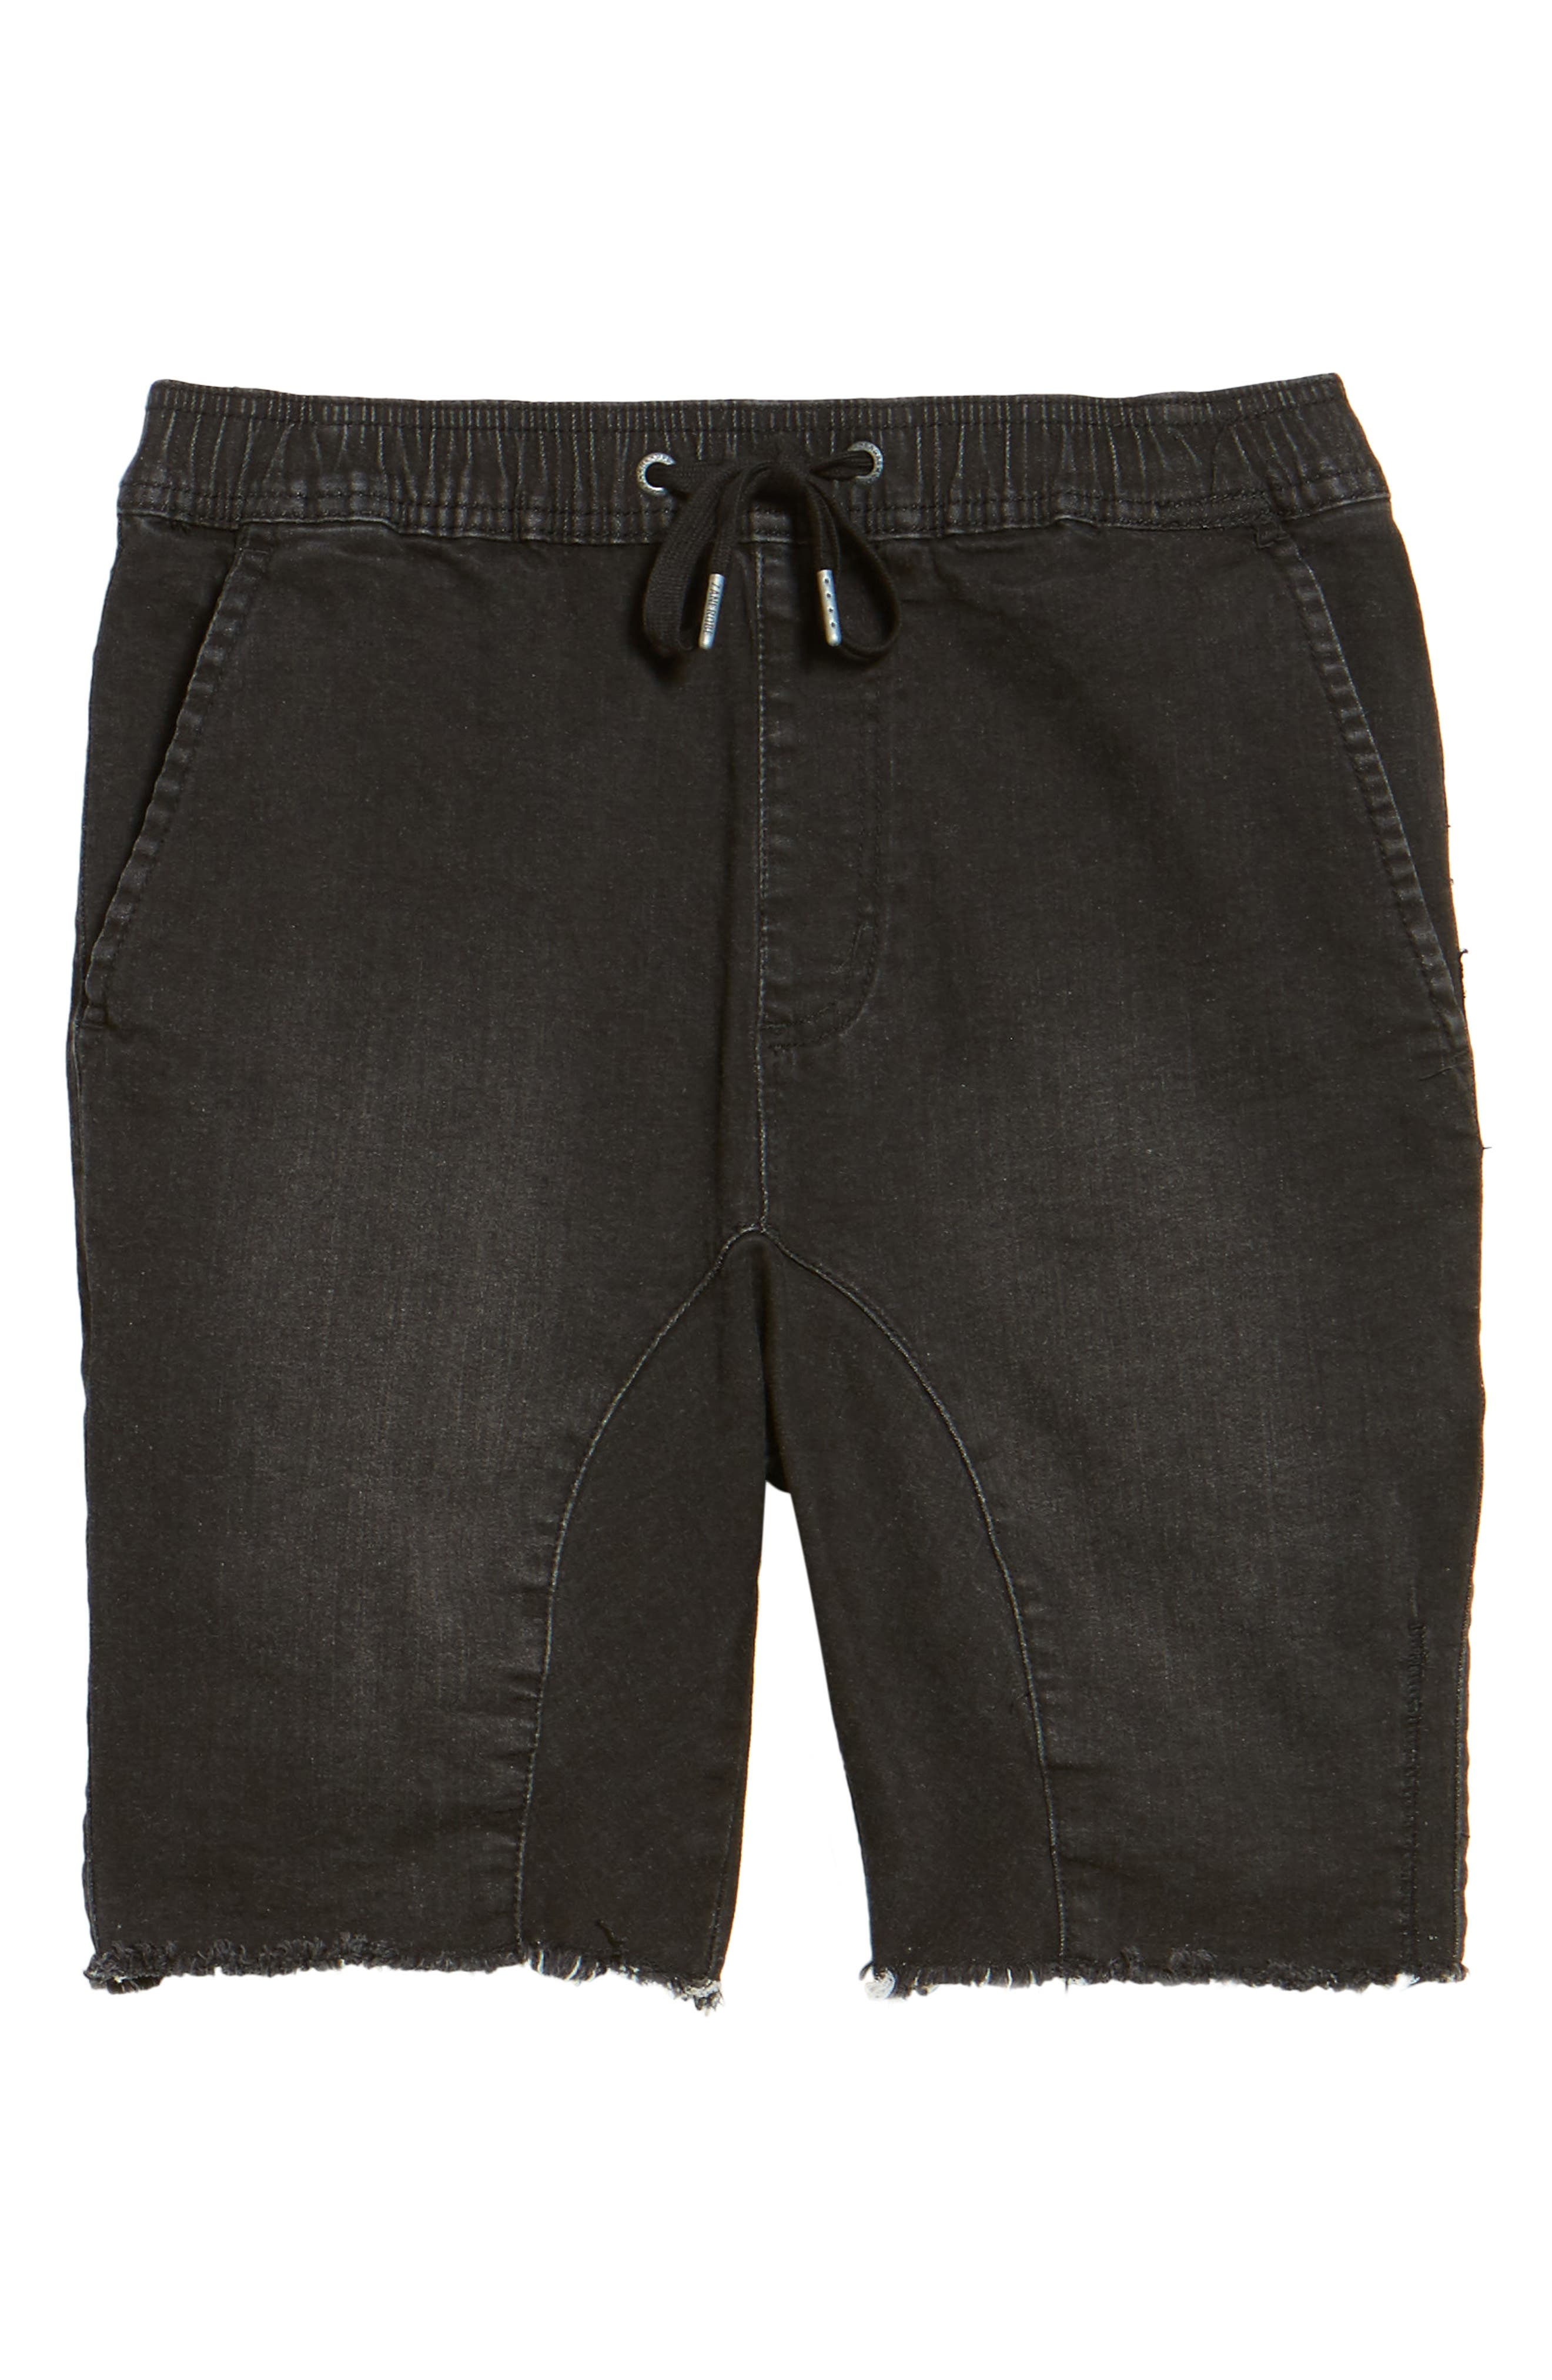 Sureshot Chino Shorts,                             Alternate thumbnail 6, color,                             001